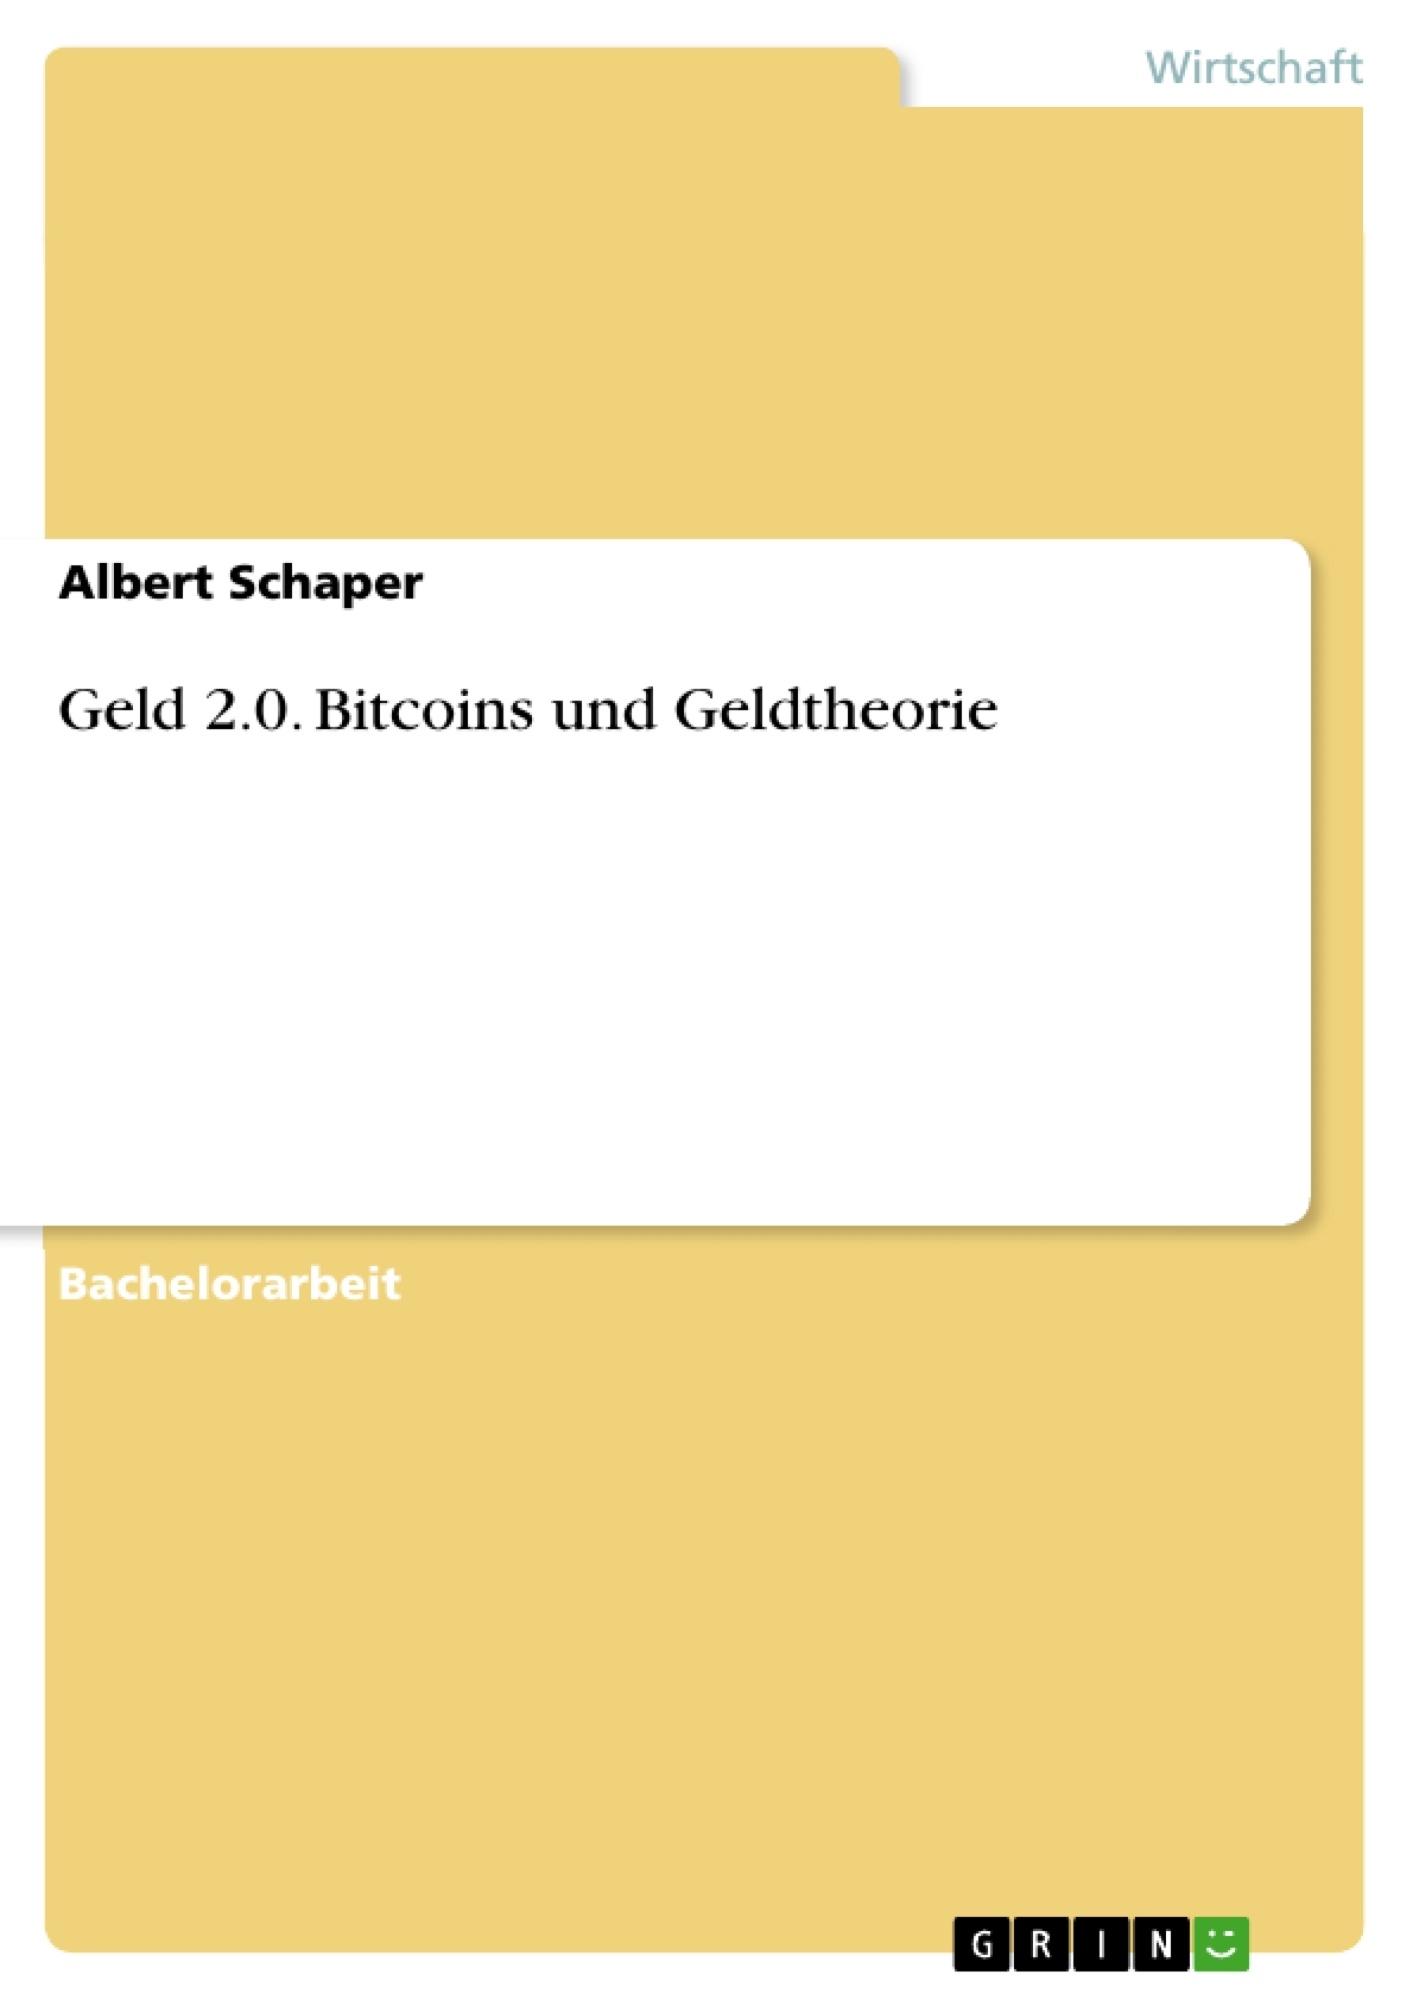 Titel: Geld 2.0. Bitcoins und Geldtheorie